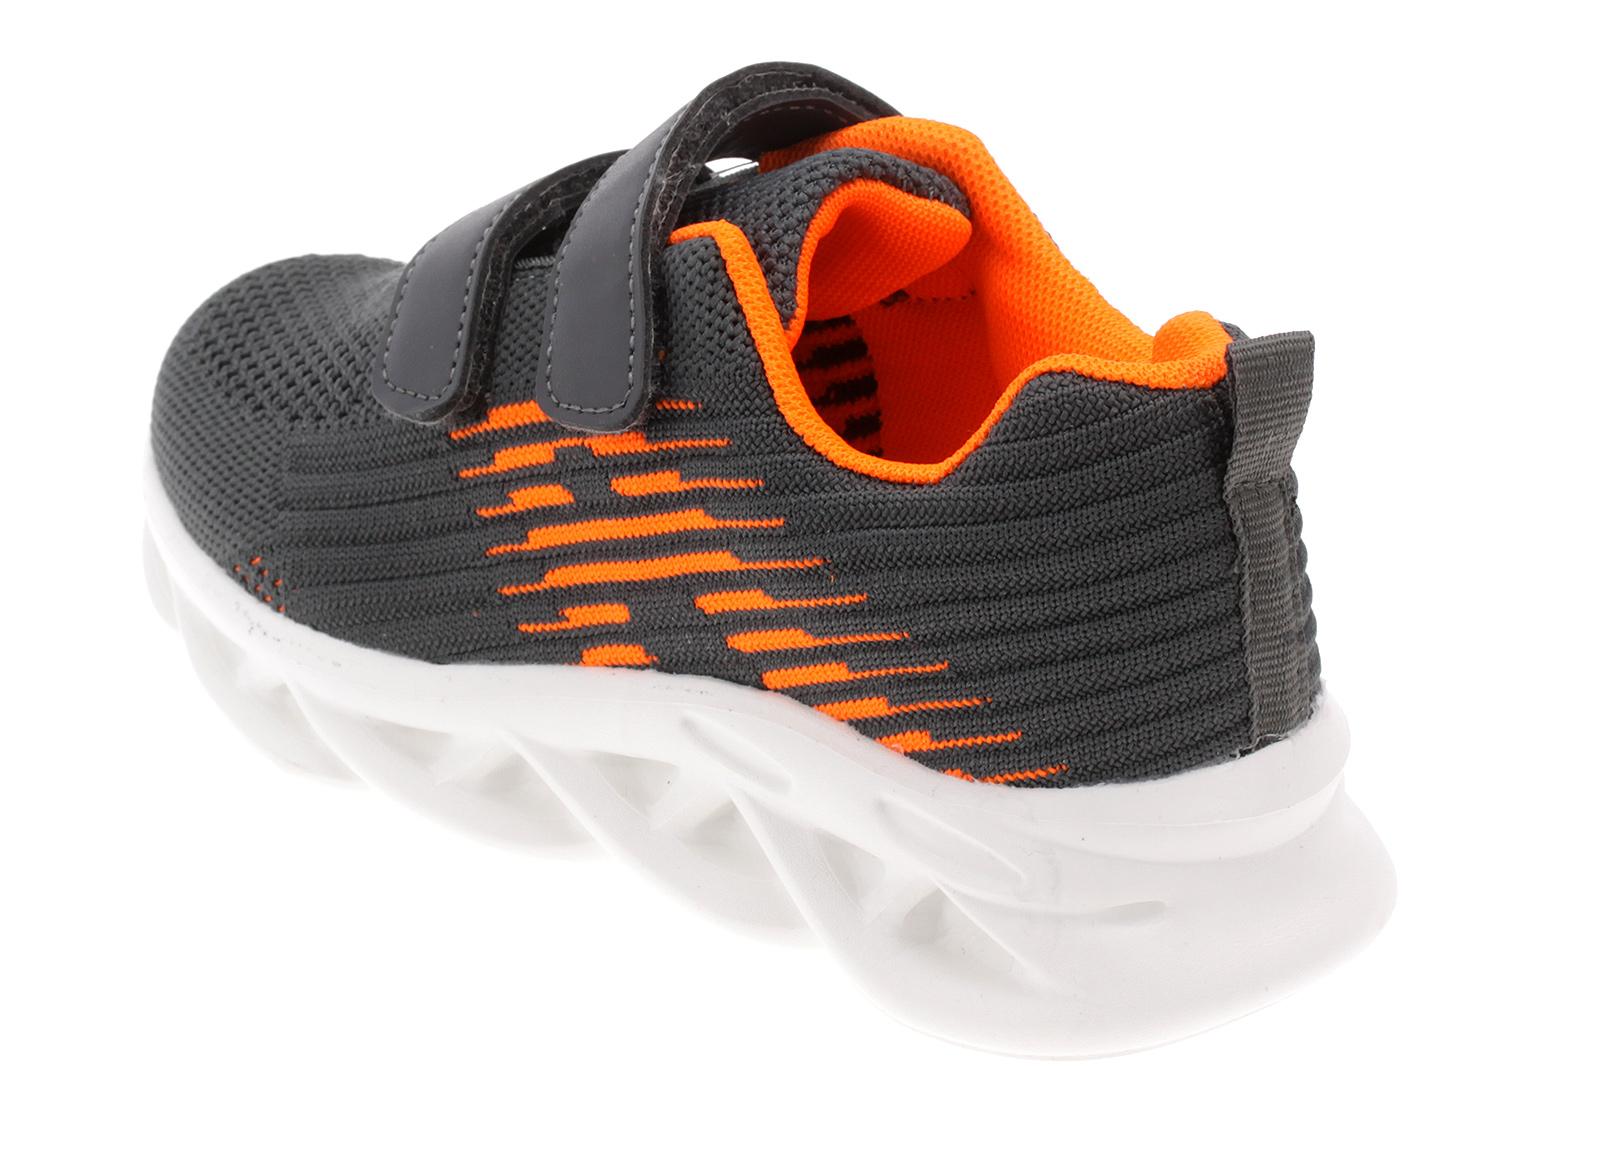 Kinder Sportschuhe Sneaker Laufschuhe Klettschuhe Freizeit Schuhe CH030-CH031